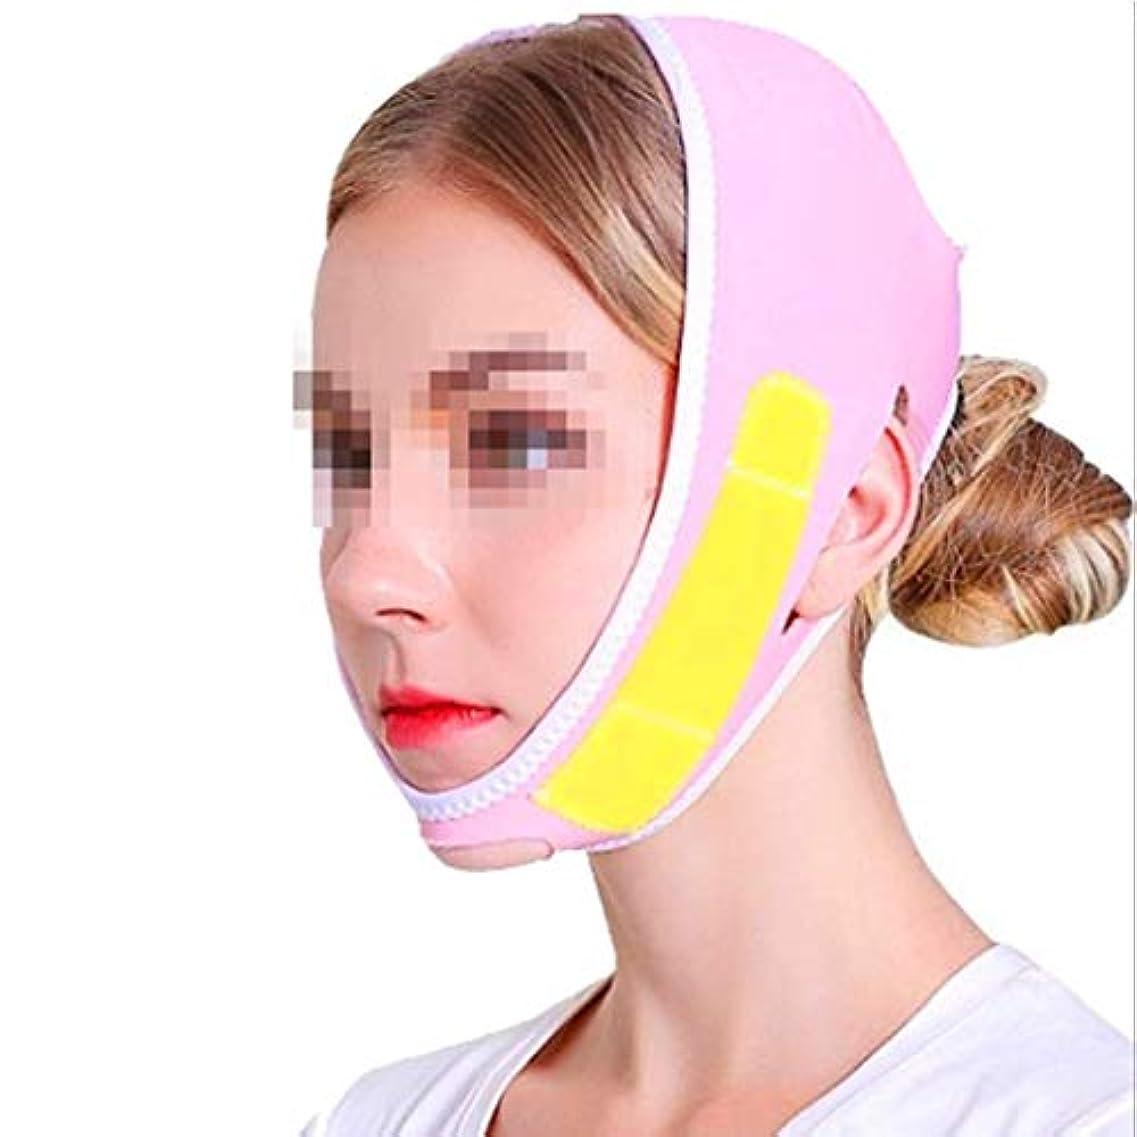 ぶら下がる応答酸っぱいフェイスリフトマスク、Vフェイスフェイシャルリフティング、およびローラインにしっかりと締め付けます二重あごの美容整形包帯マルチカラーオプション(カラー:イエロー),ピンク